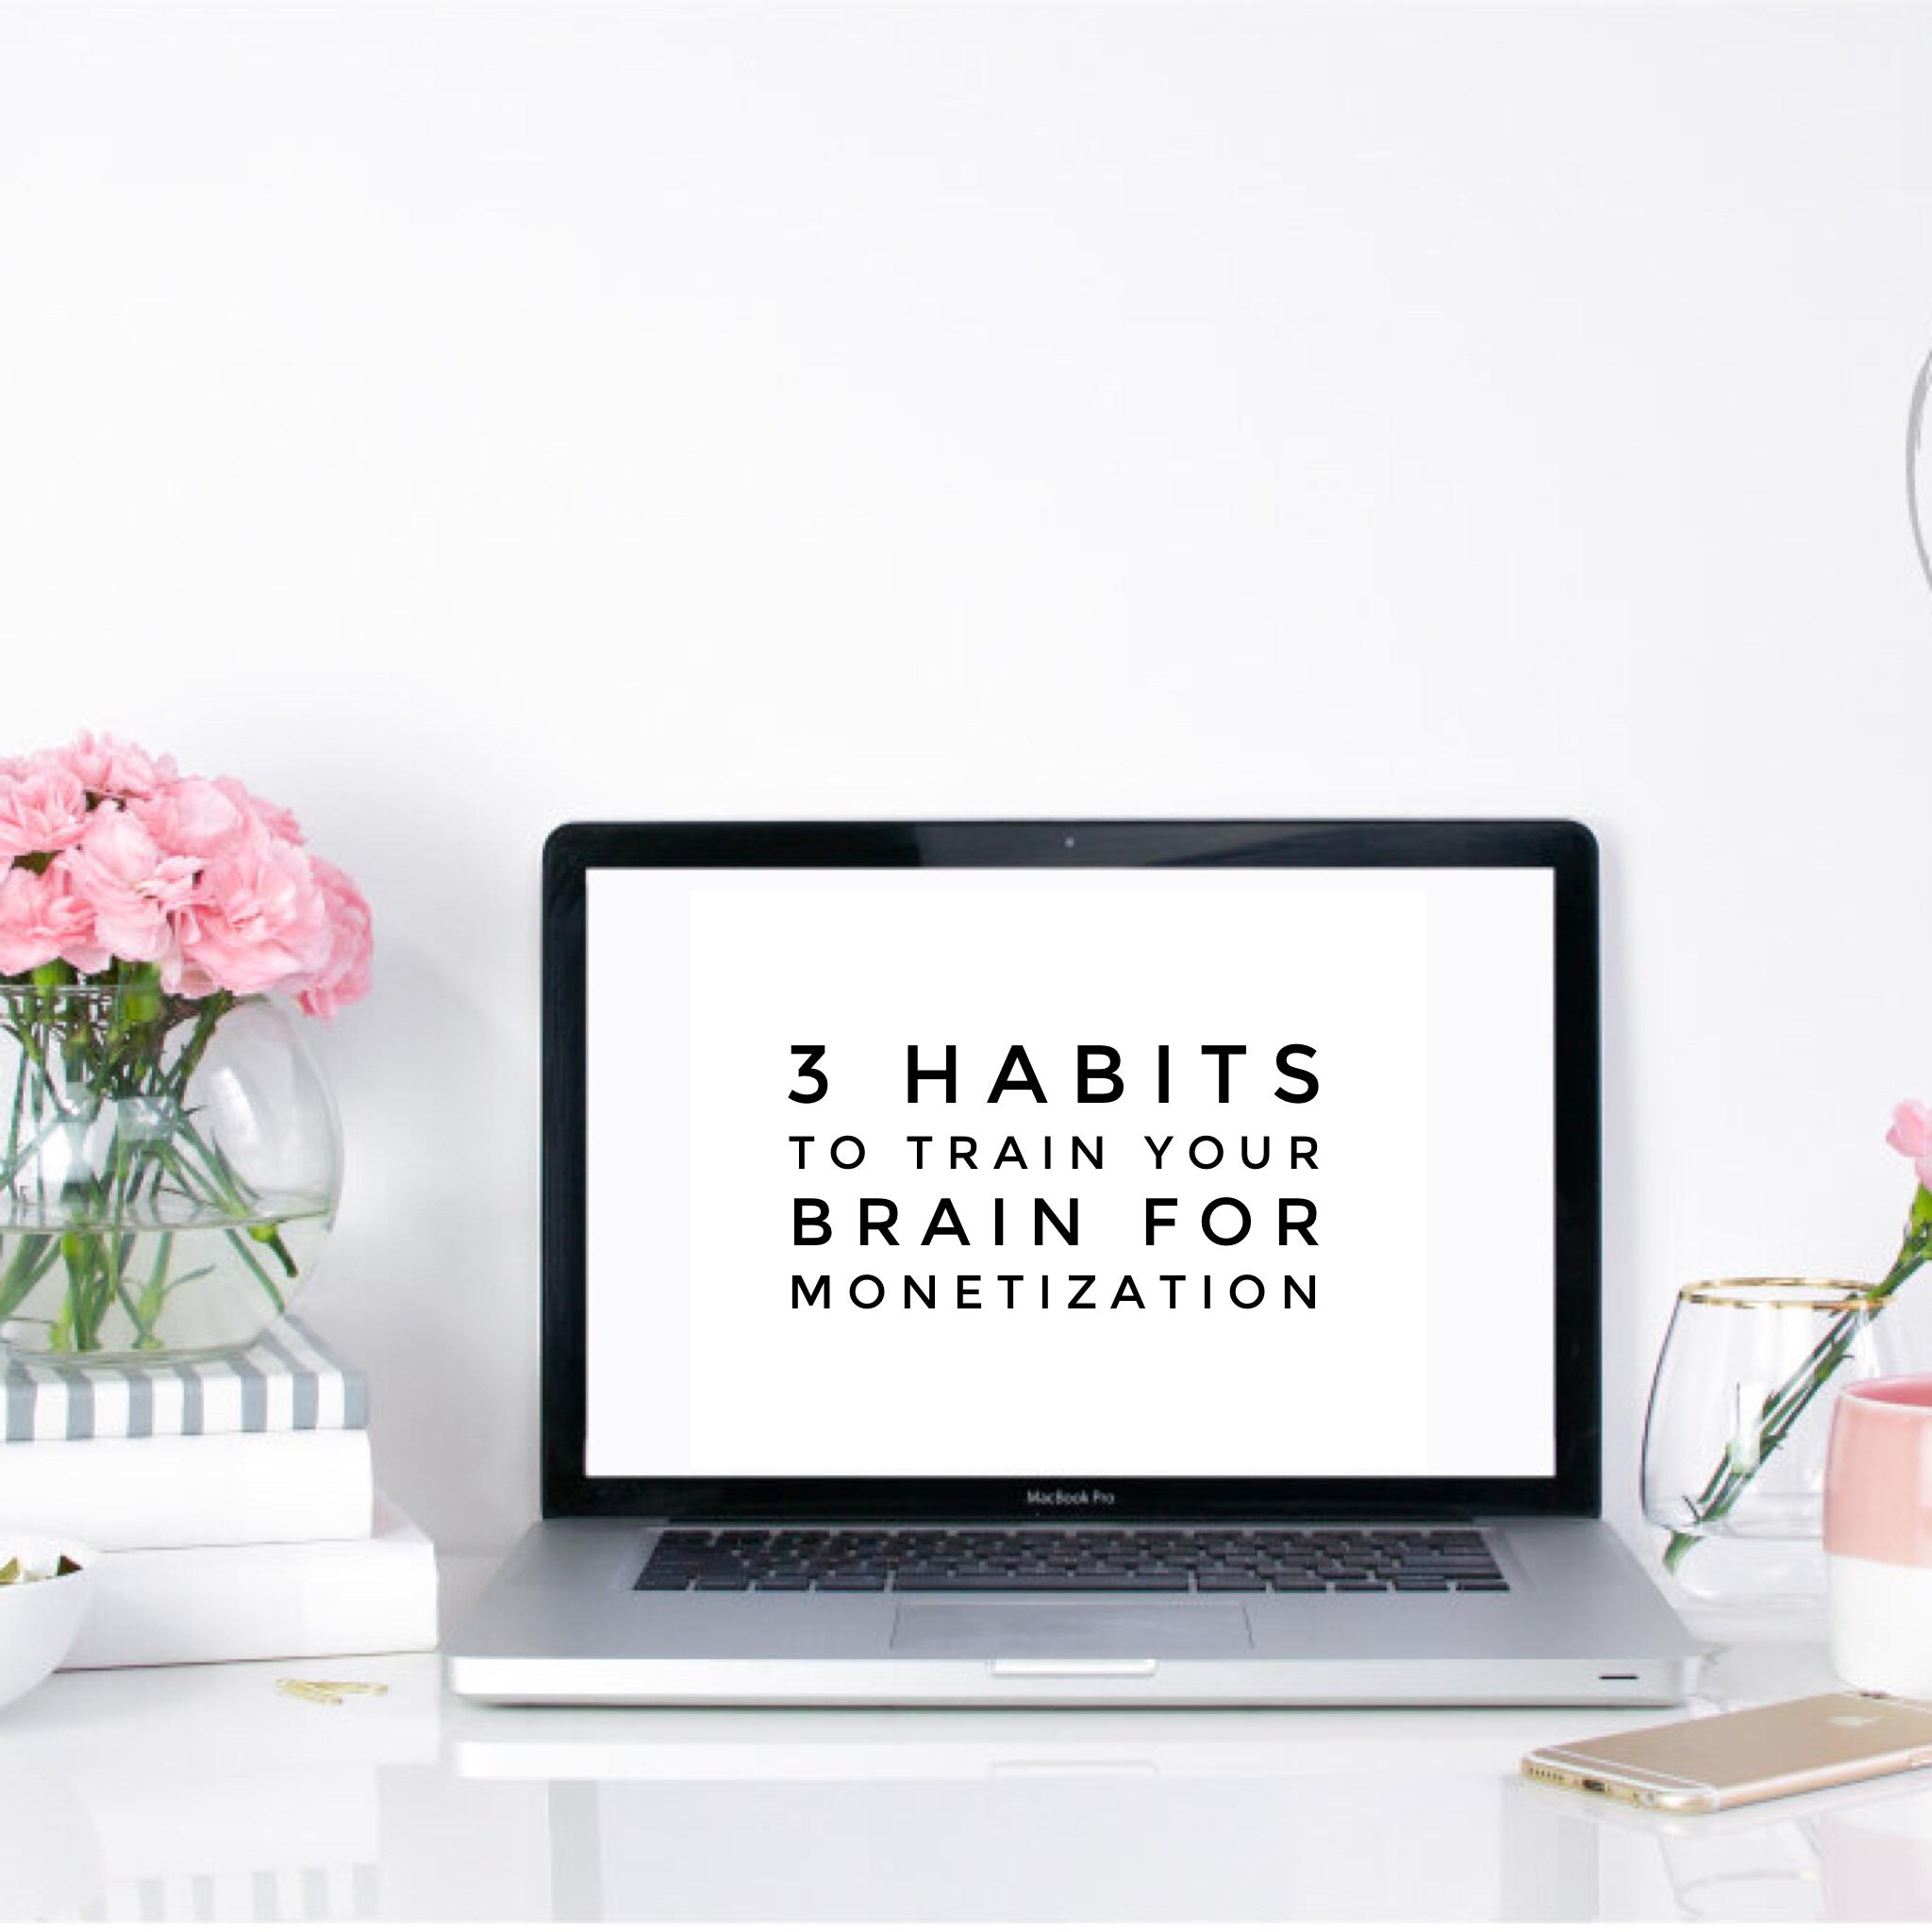 monetizing-3-tips-to-train-brain